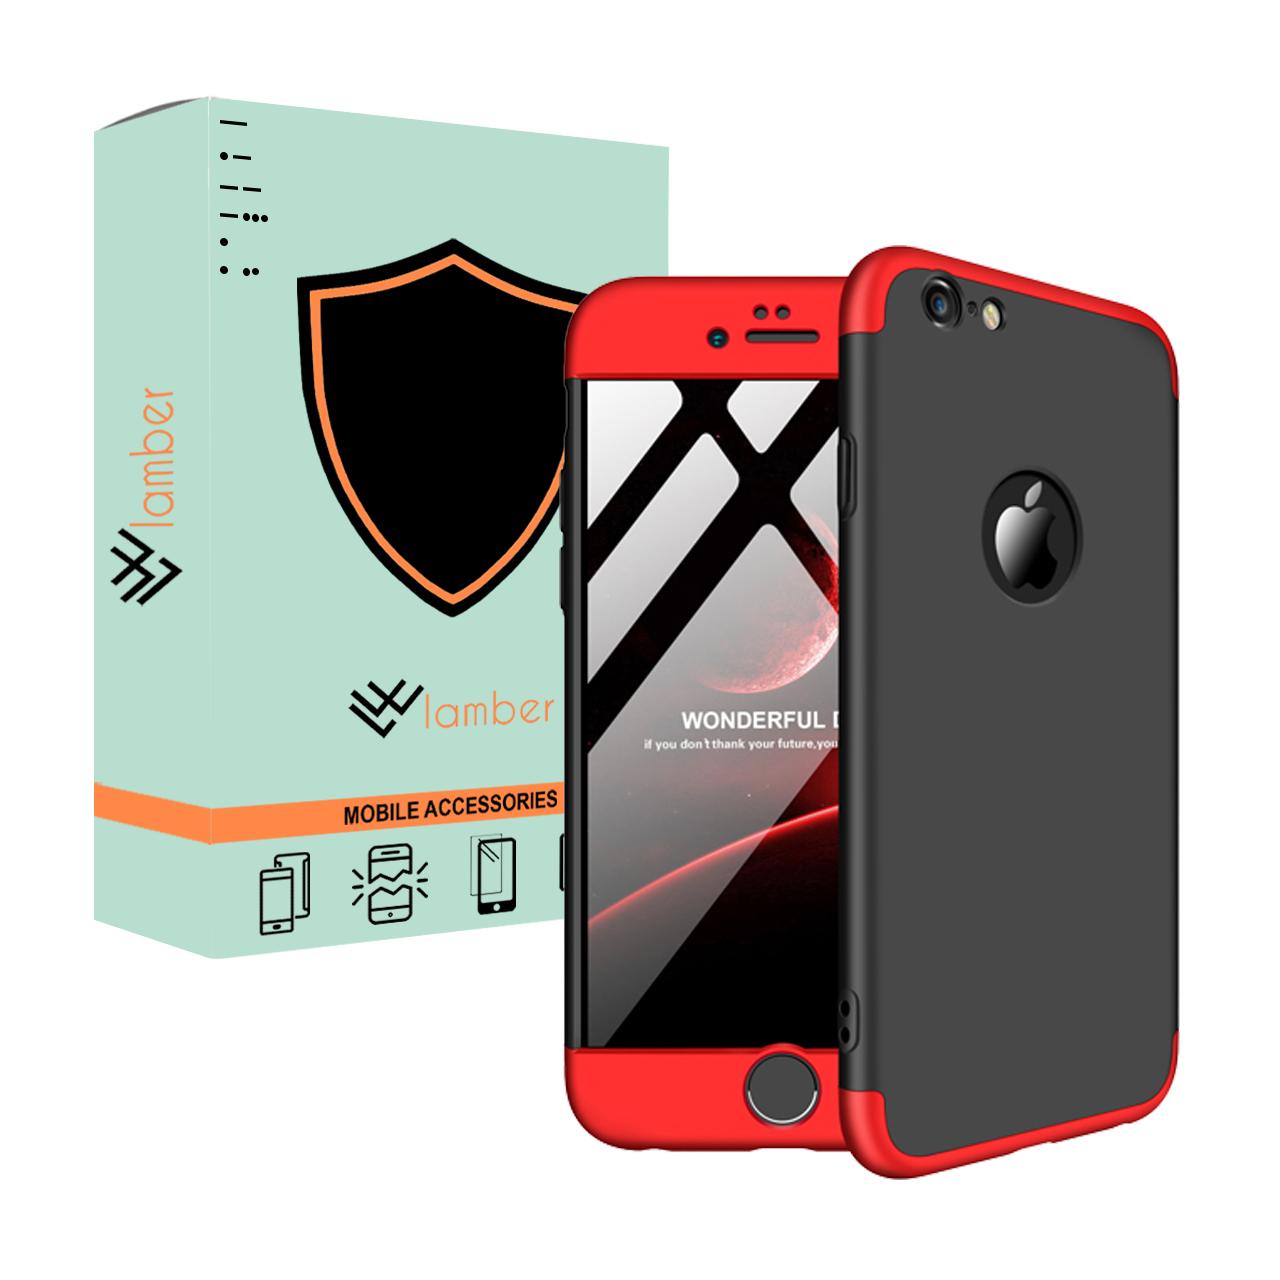 کاور 360 درجه لمبر مدل LAMGK-1 مناسب برای گوشی موبایل اپل Iphone 6 Plus/6S Plus